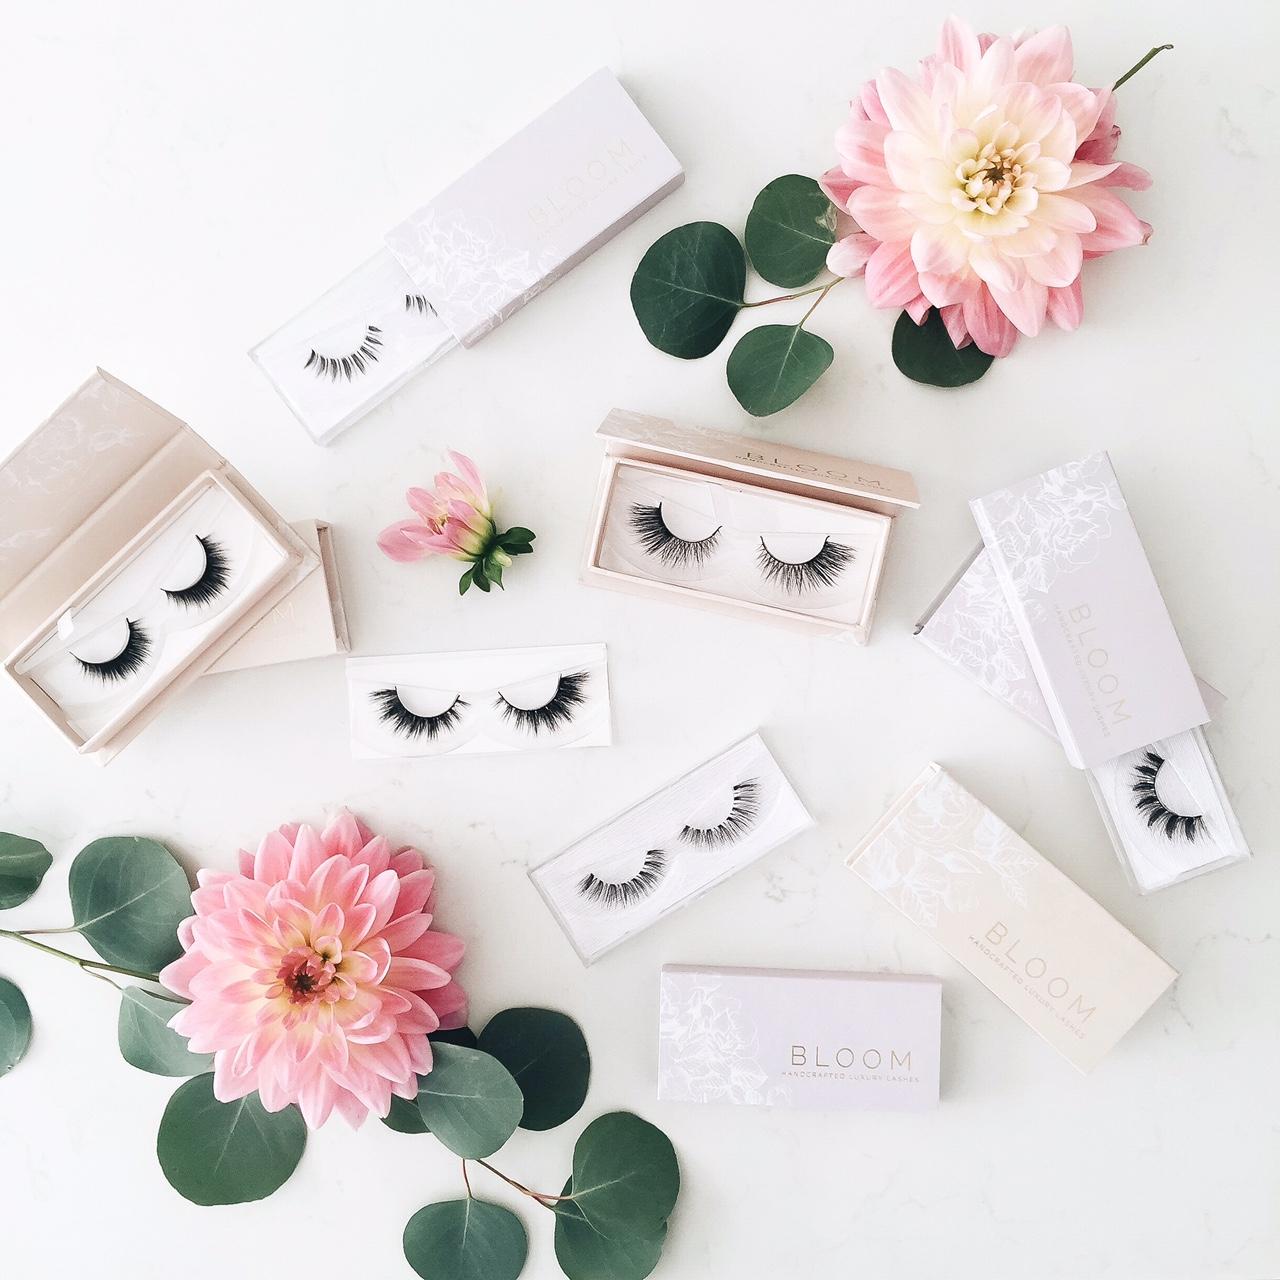 Bloom handcrafted luxury lashes - 2 varieties -